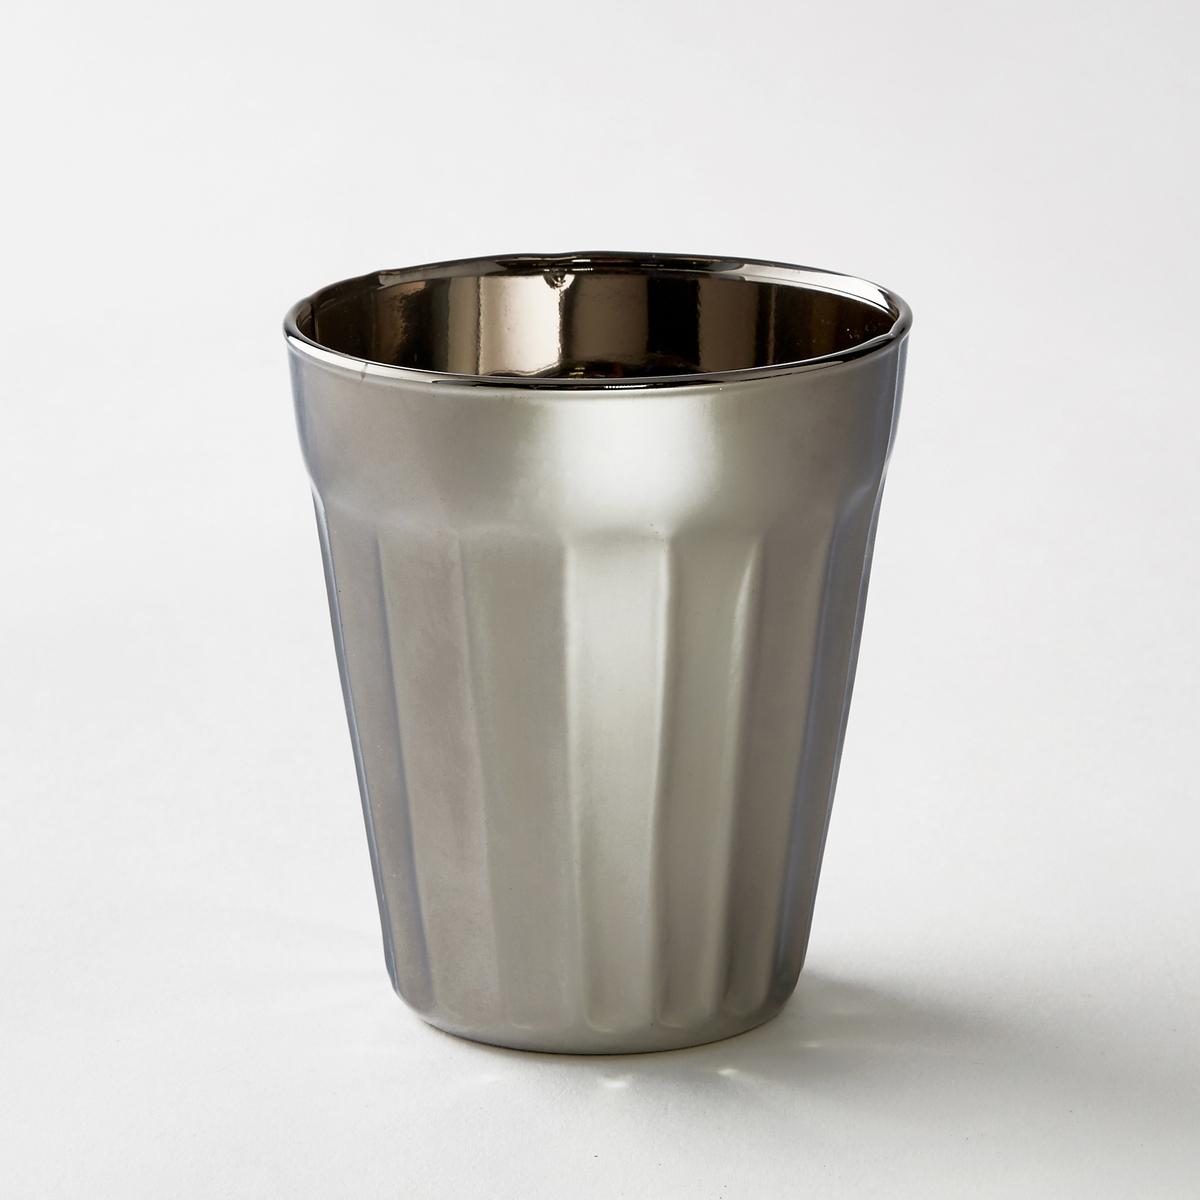 4 стакана серебристых маленькая модель Tagla4 стакана из стекла с гранями Tagla.  Размер . : диаметр 10 x высота 8,5 см.<br><br>Цвет: серый металлик<br>Размер: единый размер